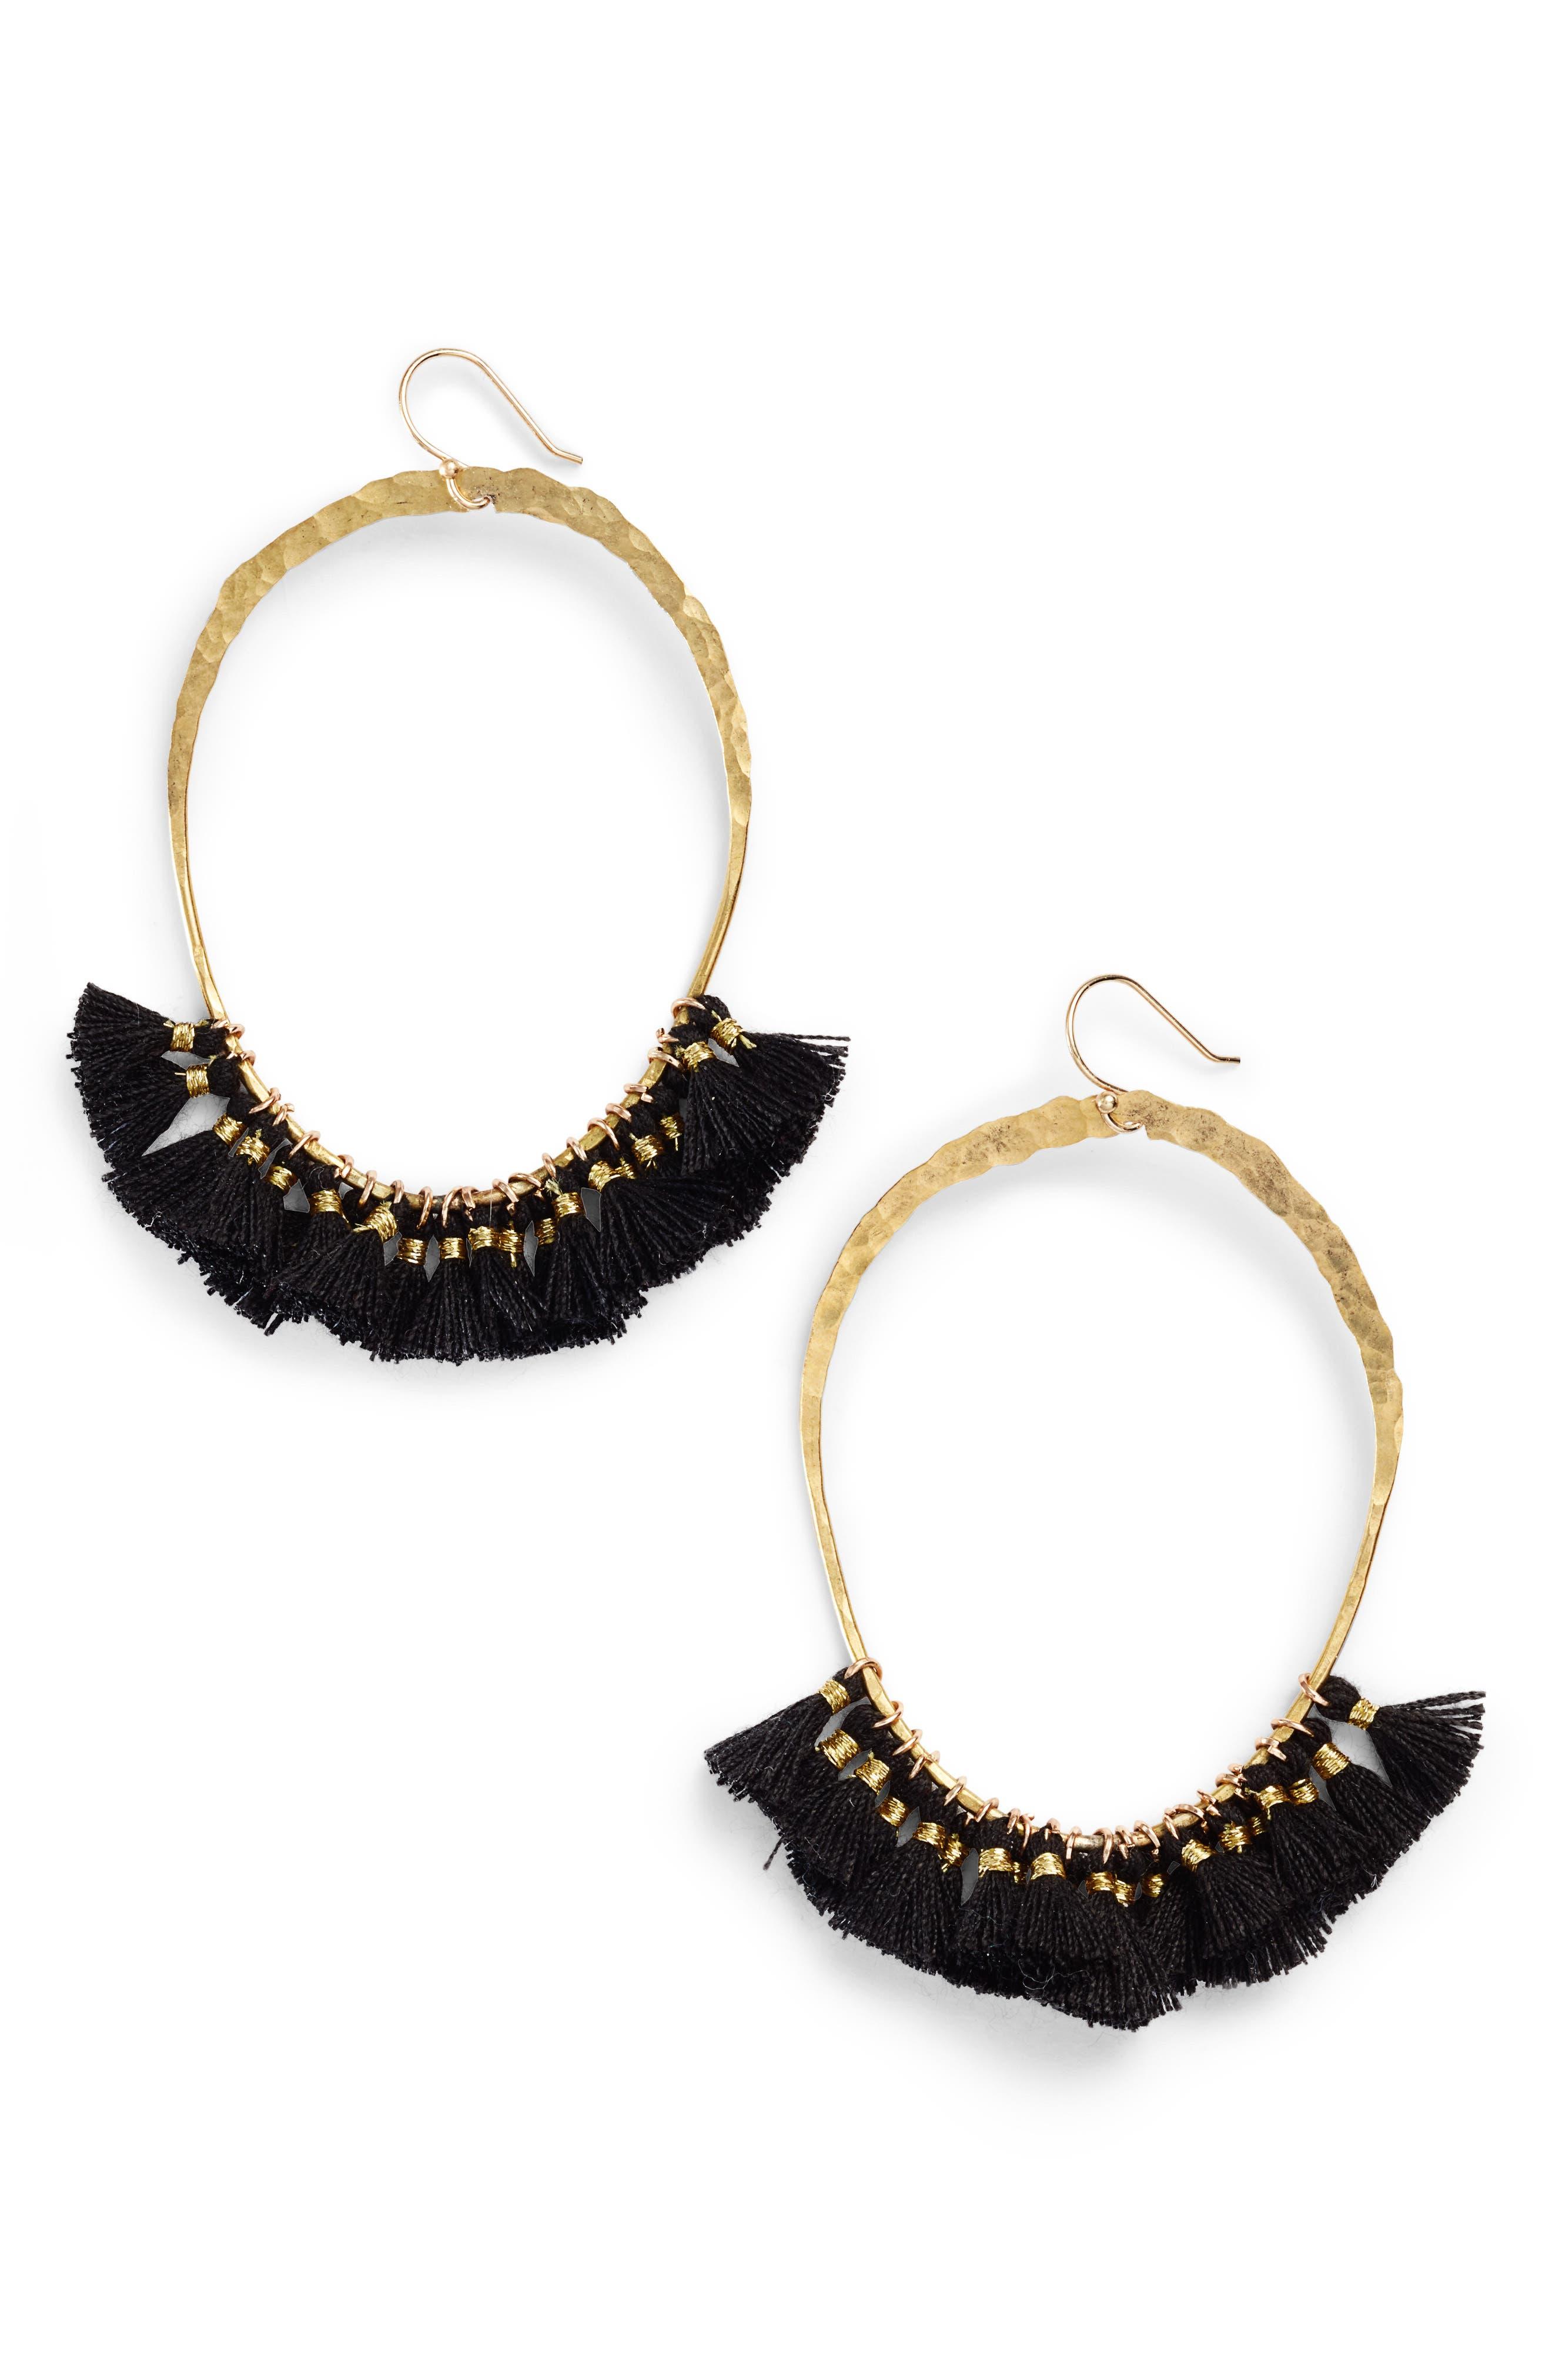 Main Image - Serefina Tassel Hoop Earrings